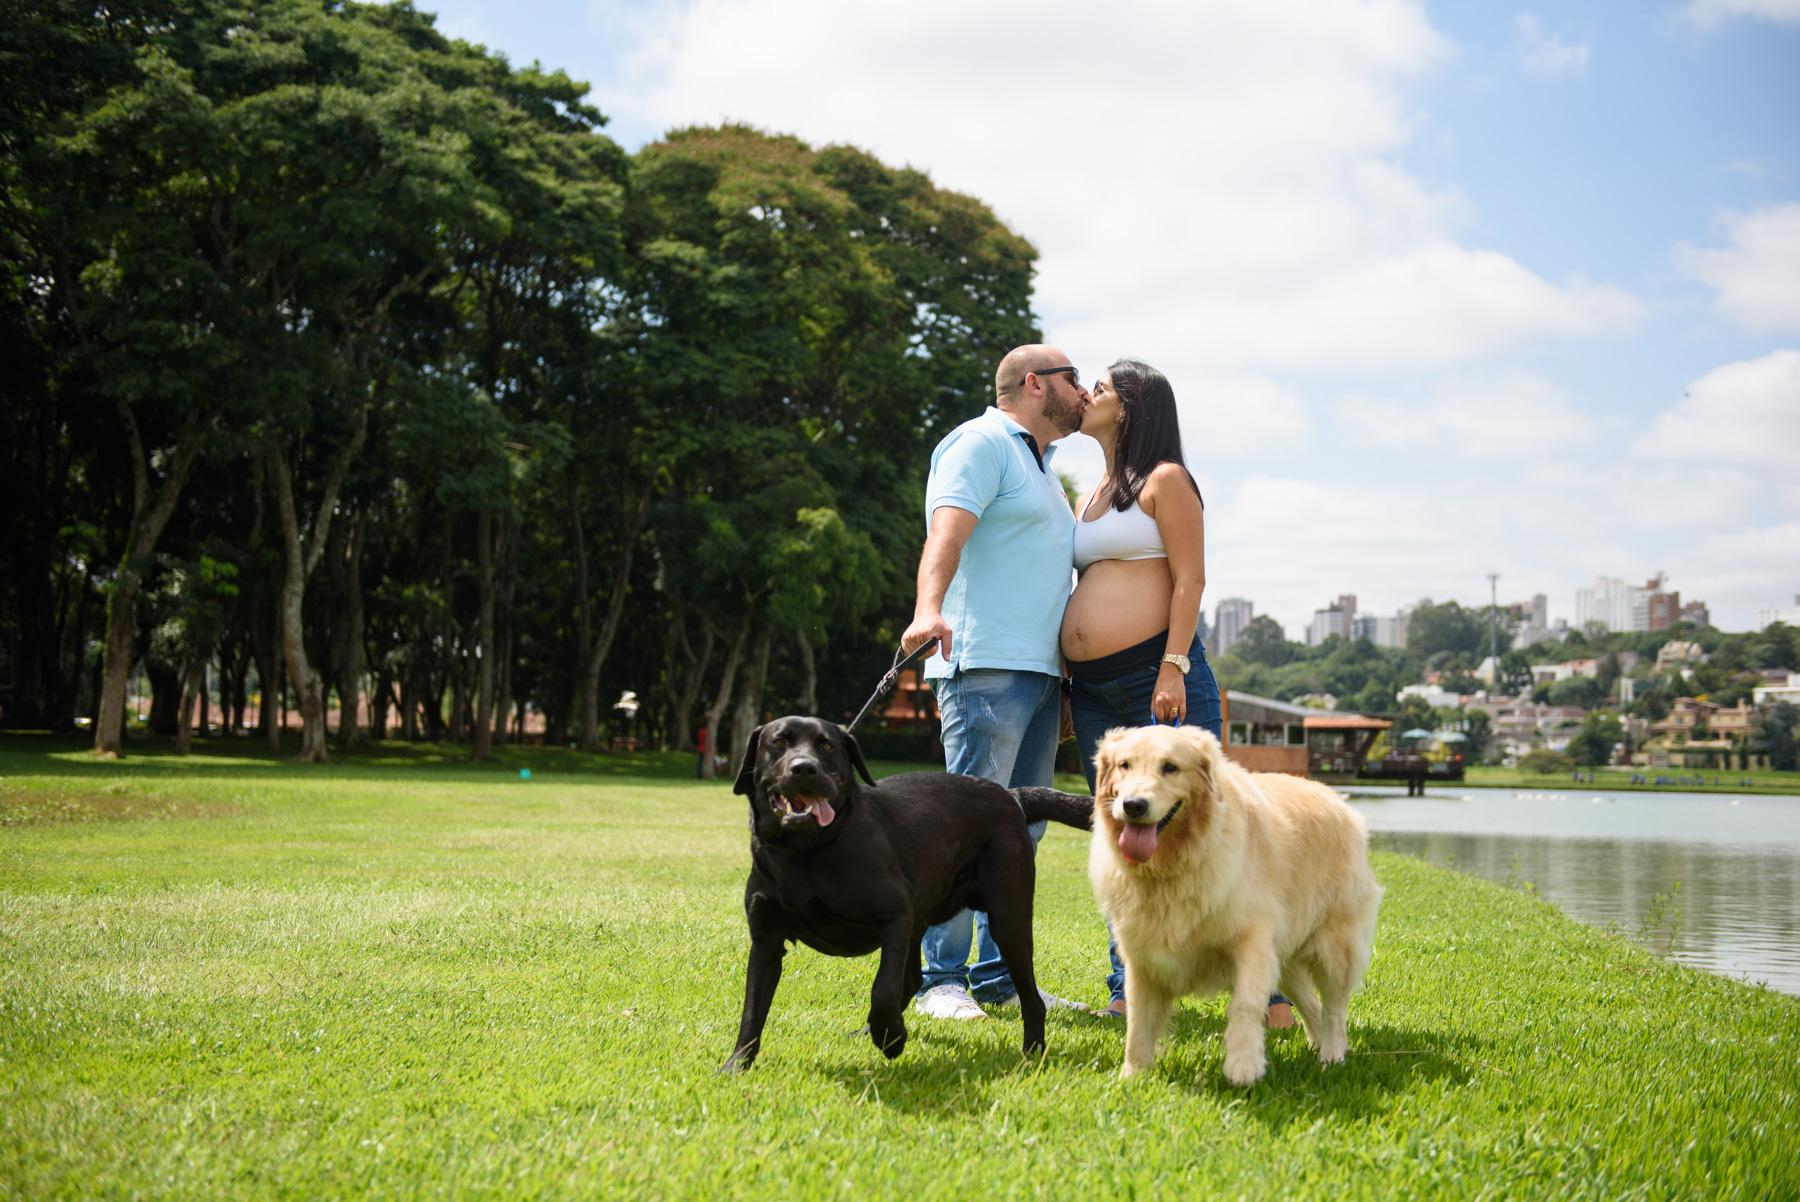 003_ensaio_familia_gestacao_parquebarigui_fotografo_curitiba.jpg